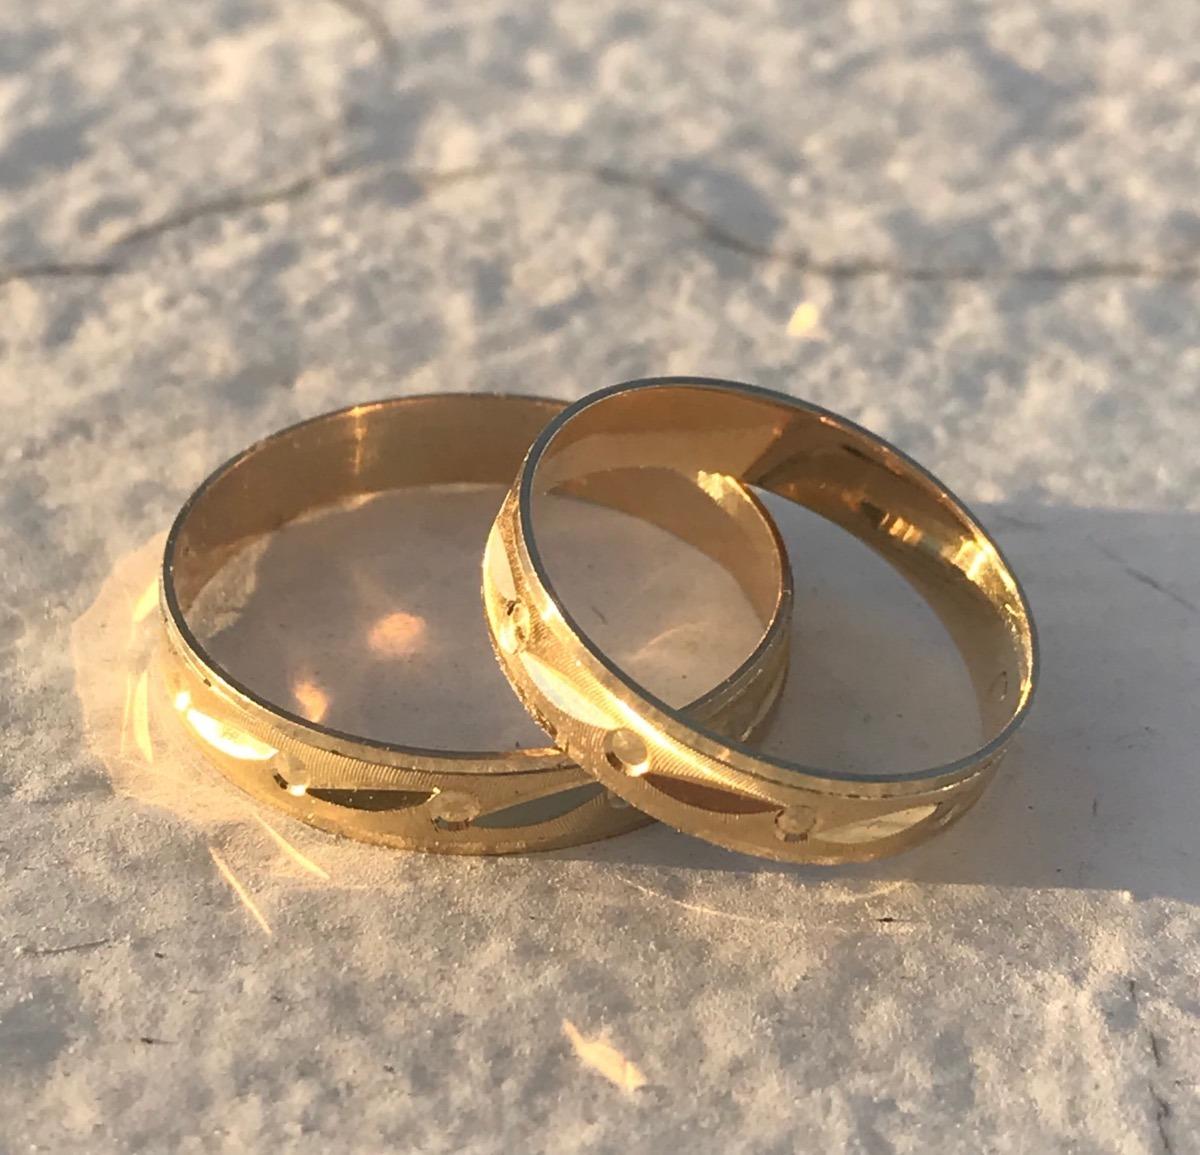 34959ad496c8 Anillos Par Argollas Matrimonio Boda Oro 10 K Oferta! -   1